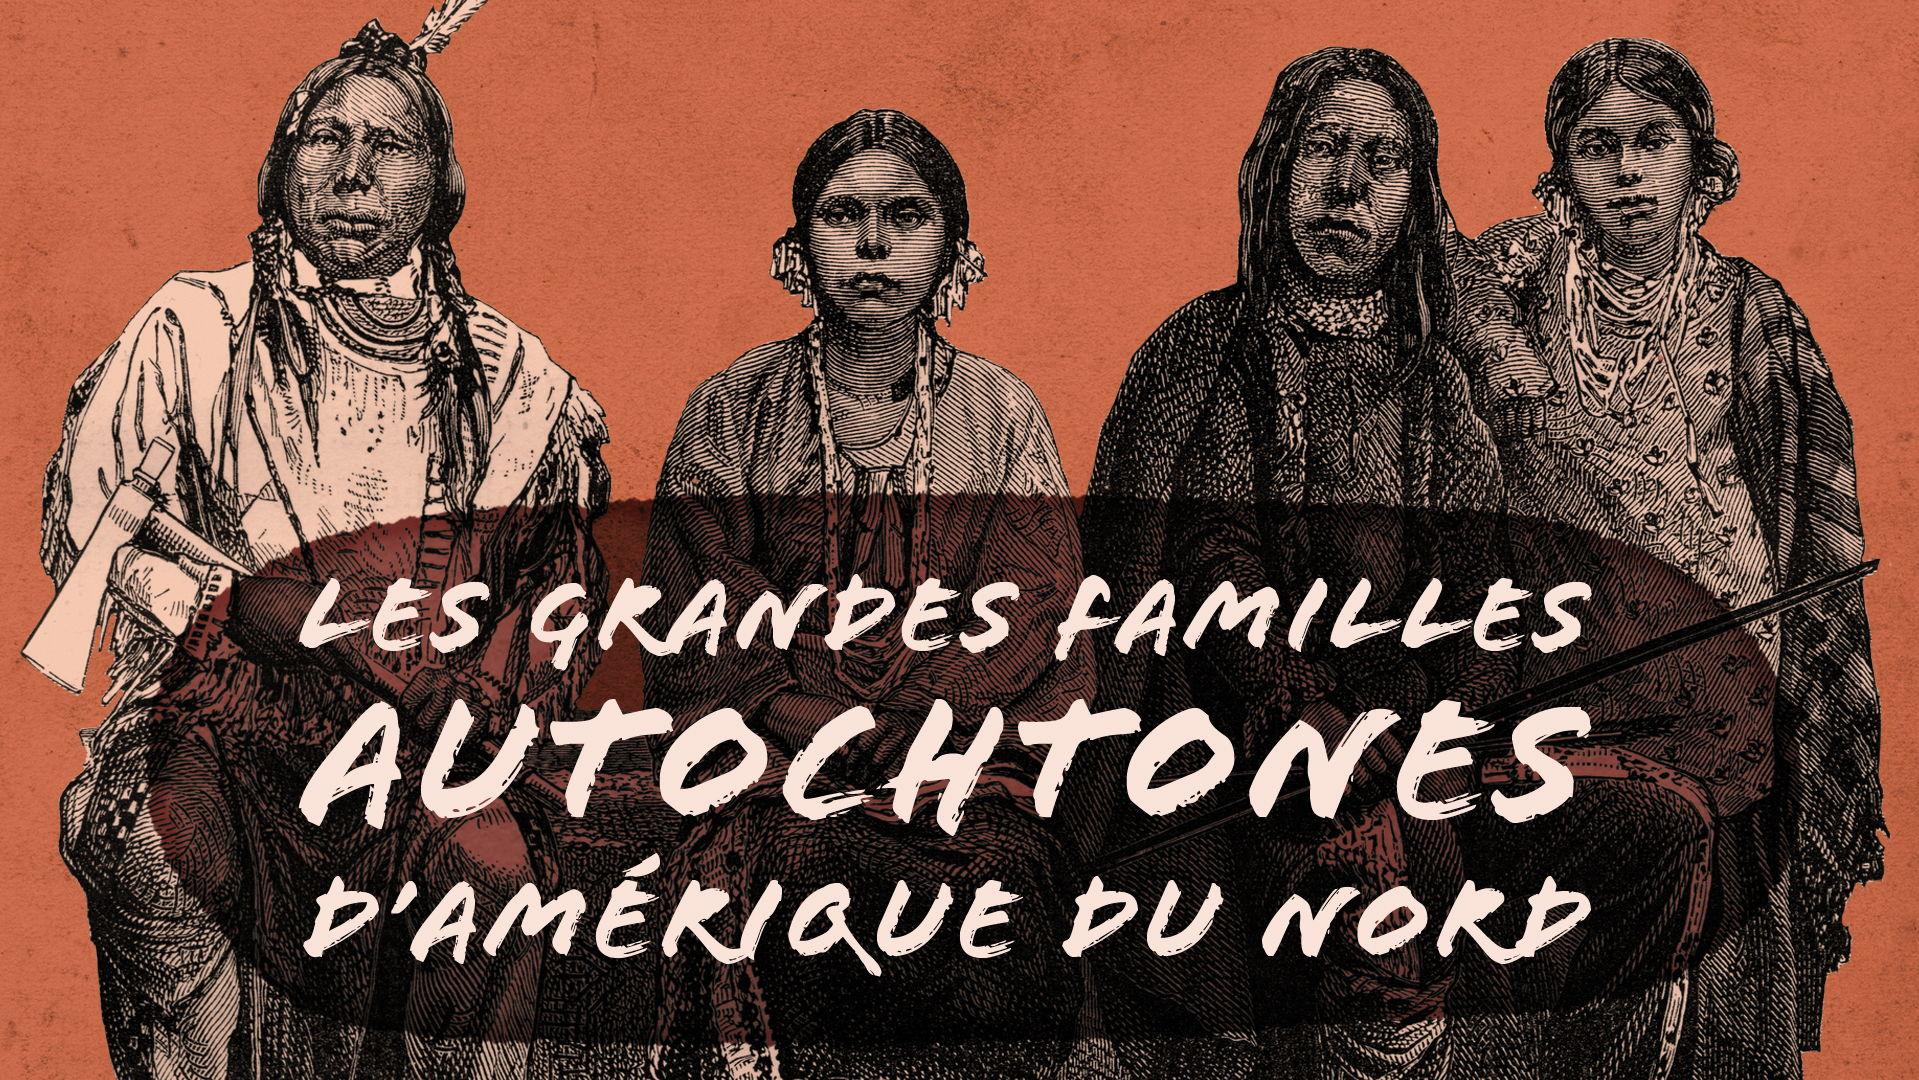 """نص """"LES GRANDES FAMILLE AUTOCHTONES D'AMÉRIQUE DU NORD"""" مع رسم لأربعة من السكان الأصليين كخلفية"""